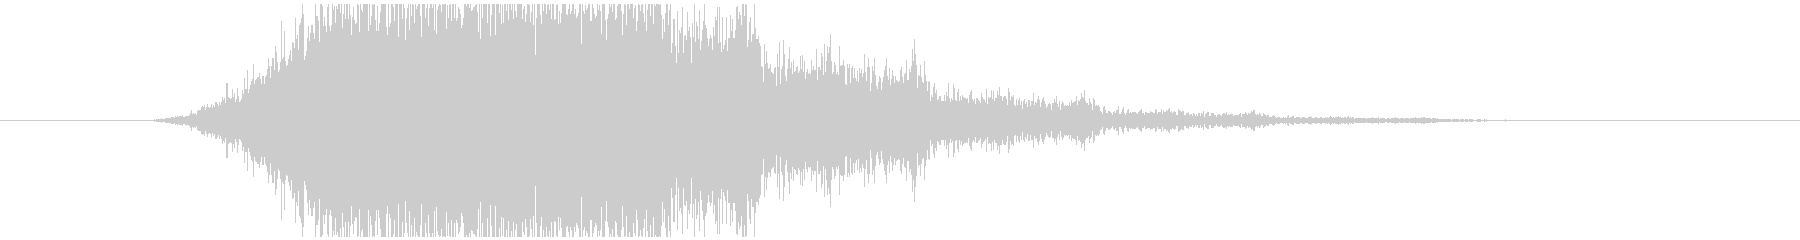 不気味なホラー系の低い効果音の未再生の波形